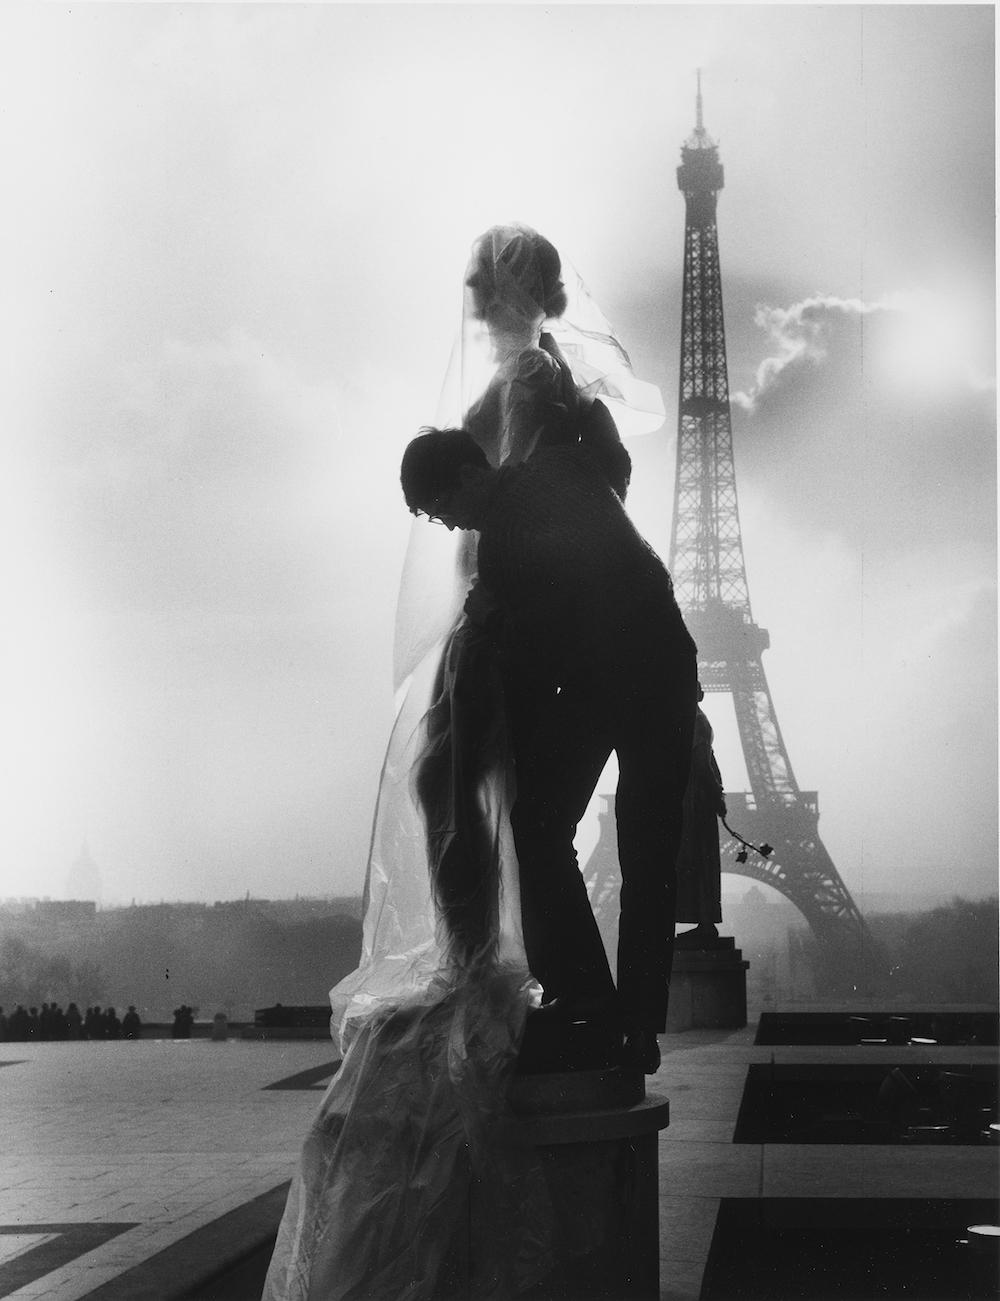 Empaquetage par Christo de la statue Le Printemps de Paul Niclausse,  Esplanade du Trocadéro, Paris, 14 février 1964